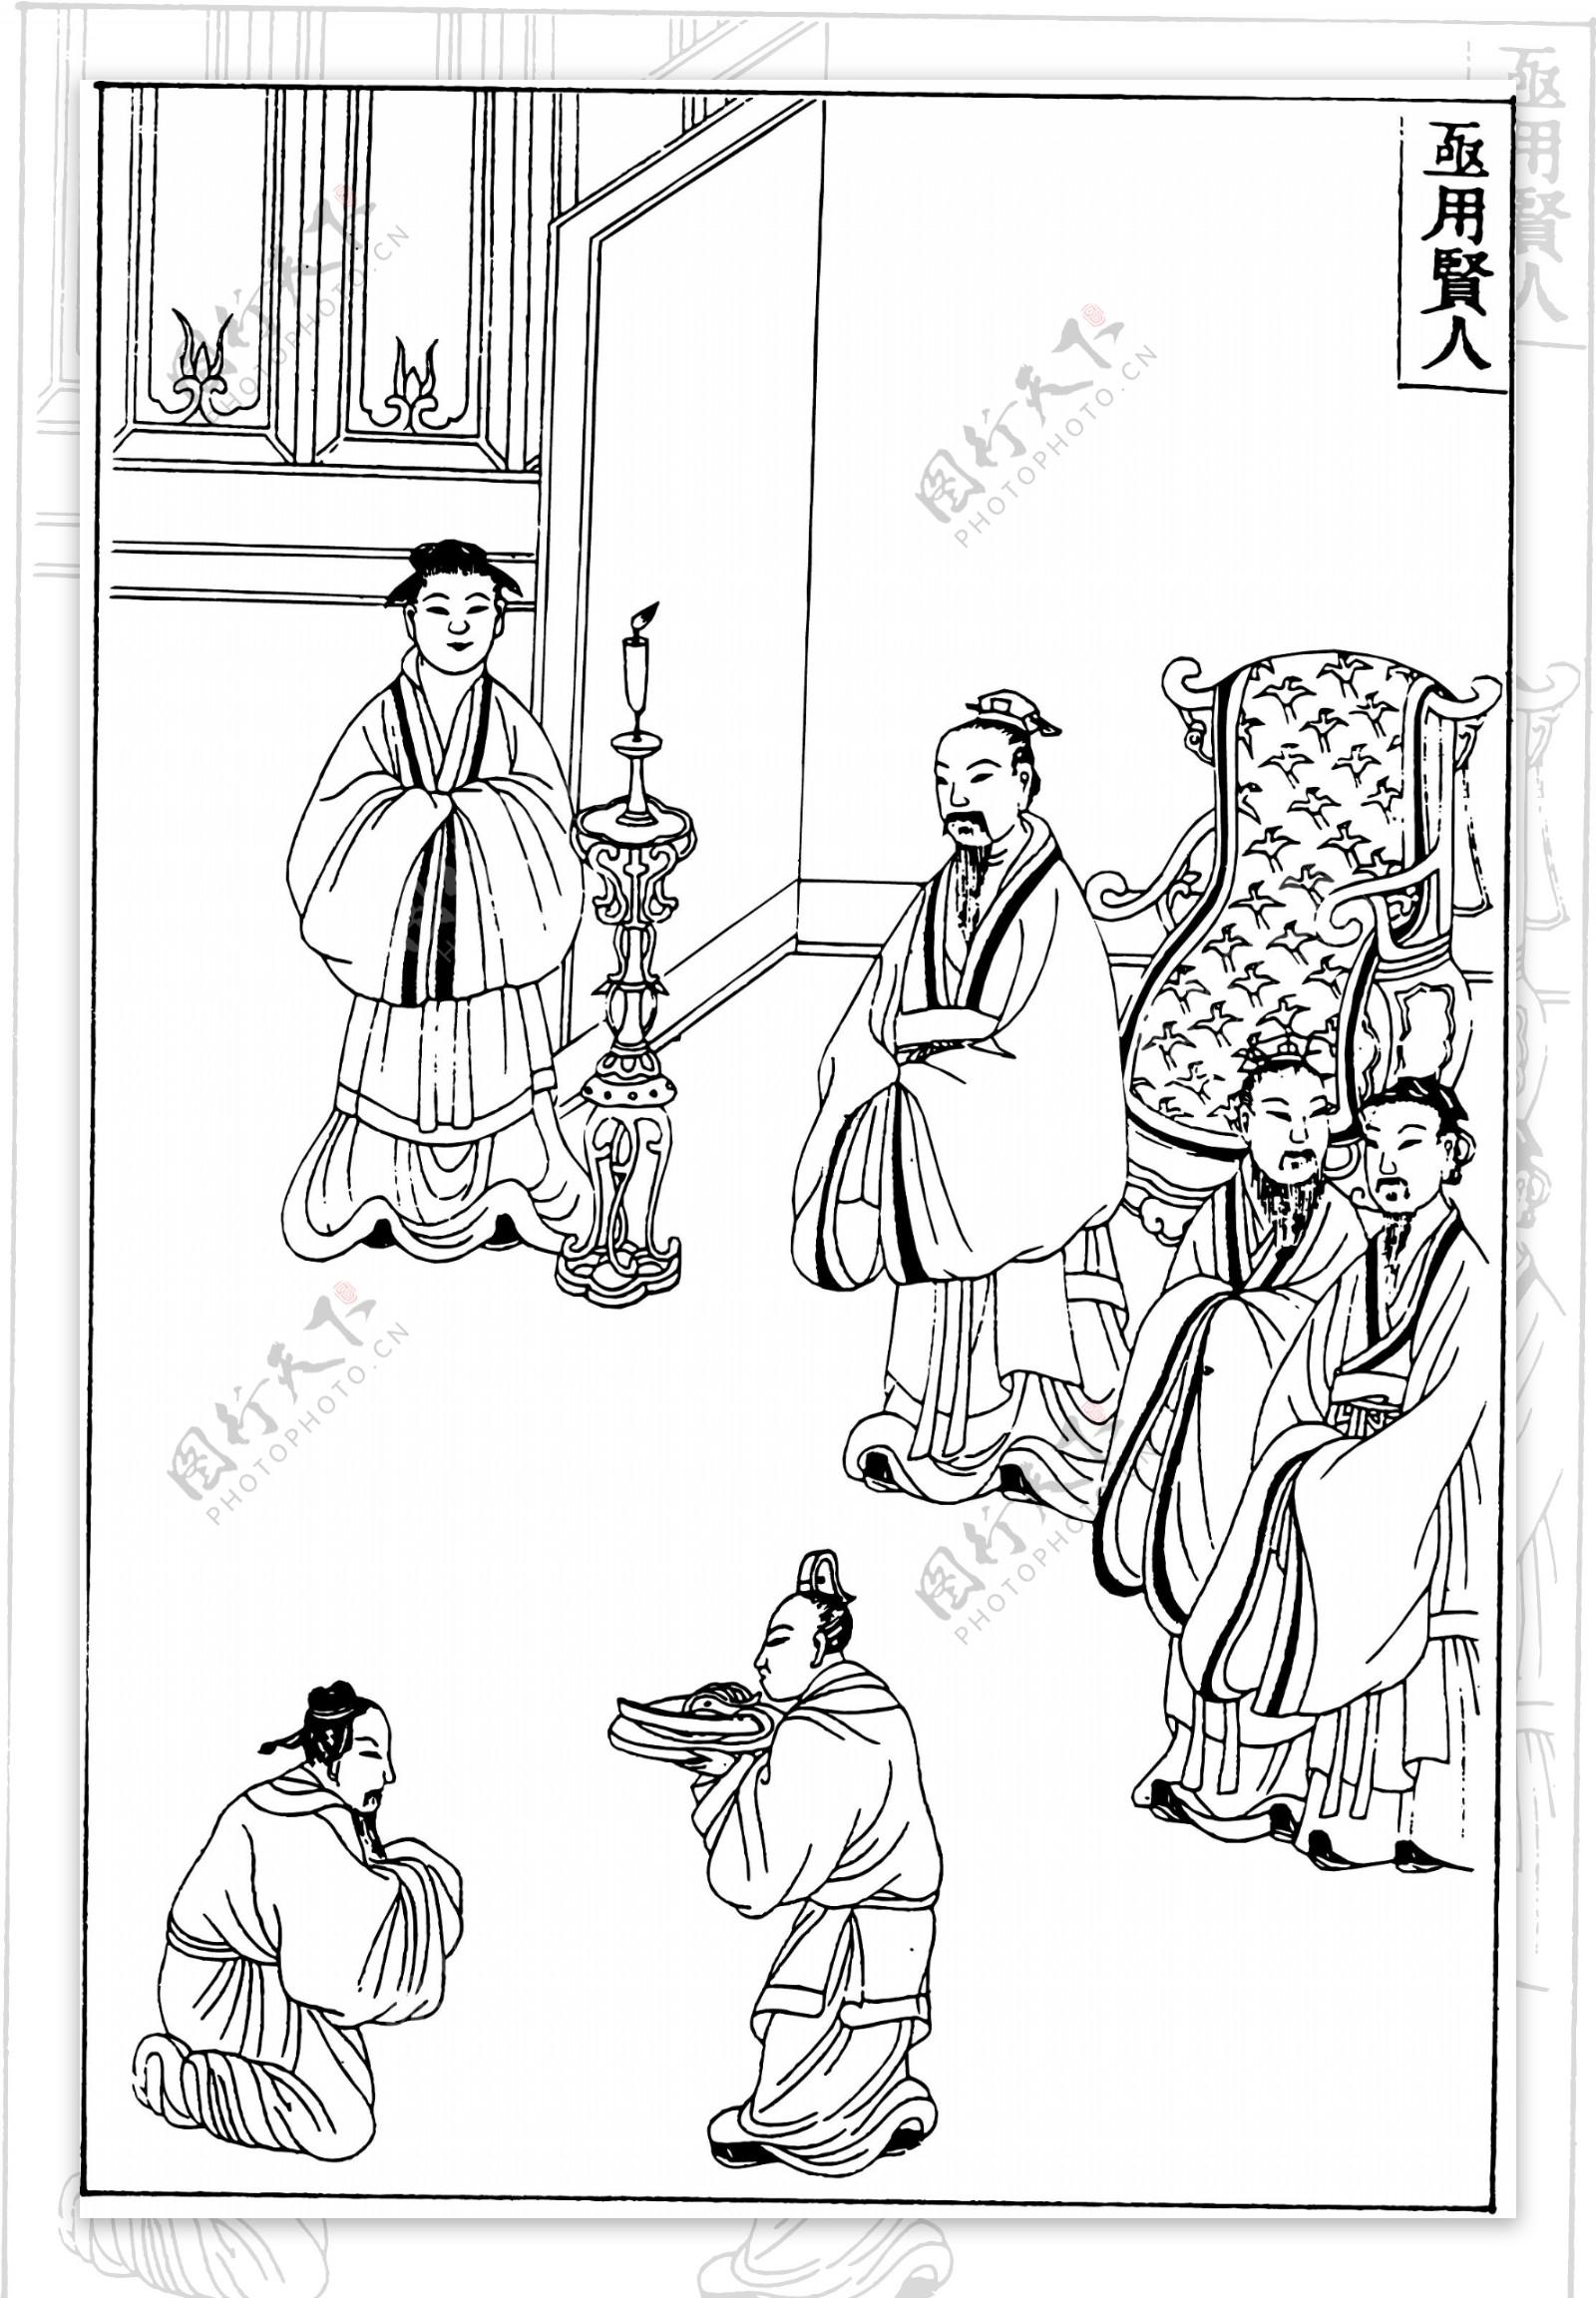 古版画教化类人物画矢量EPS格式0278